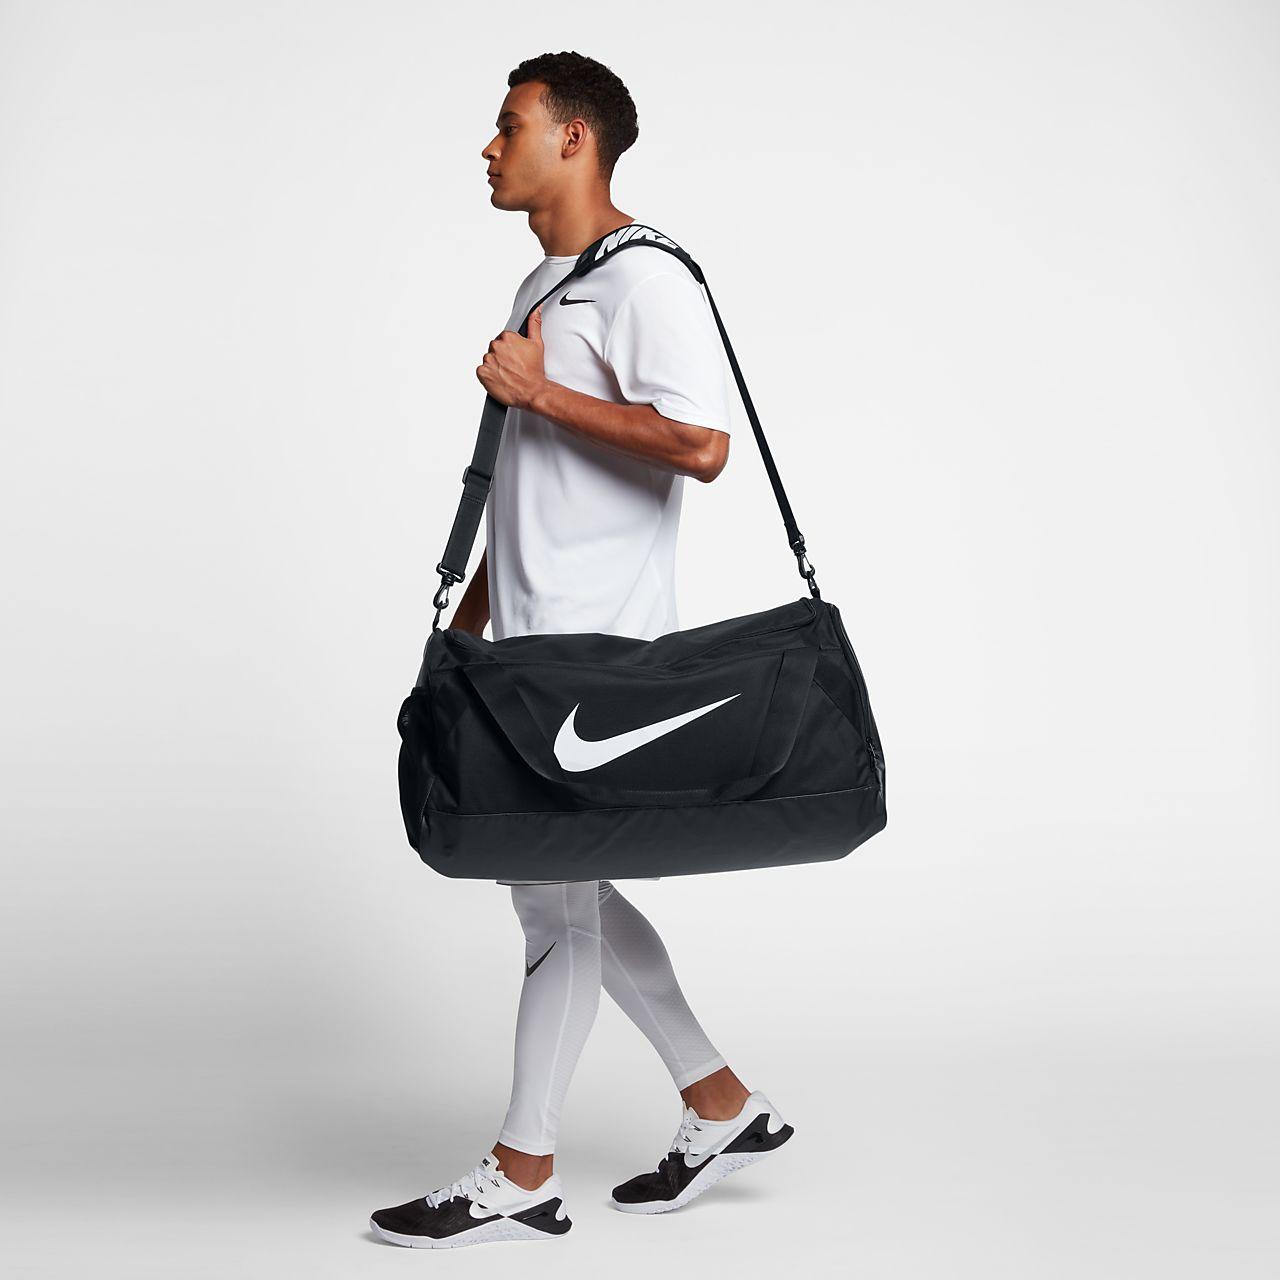 29e7145a30 Sac de sport de training Nike Brasilia (grande taille). Nike.com FR